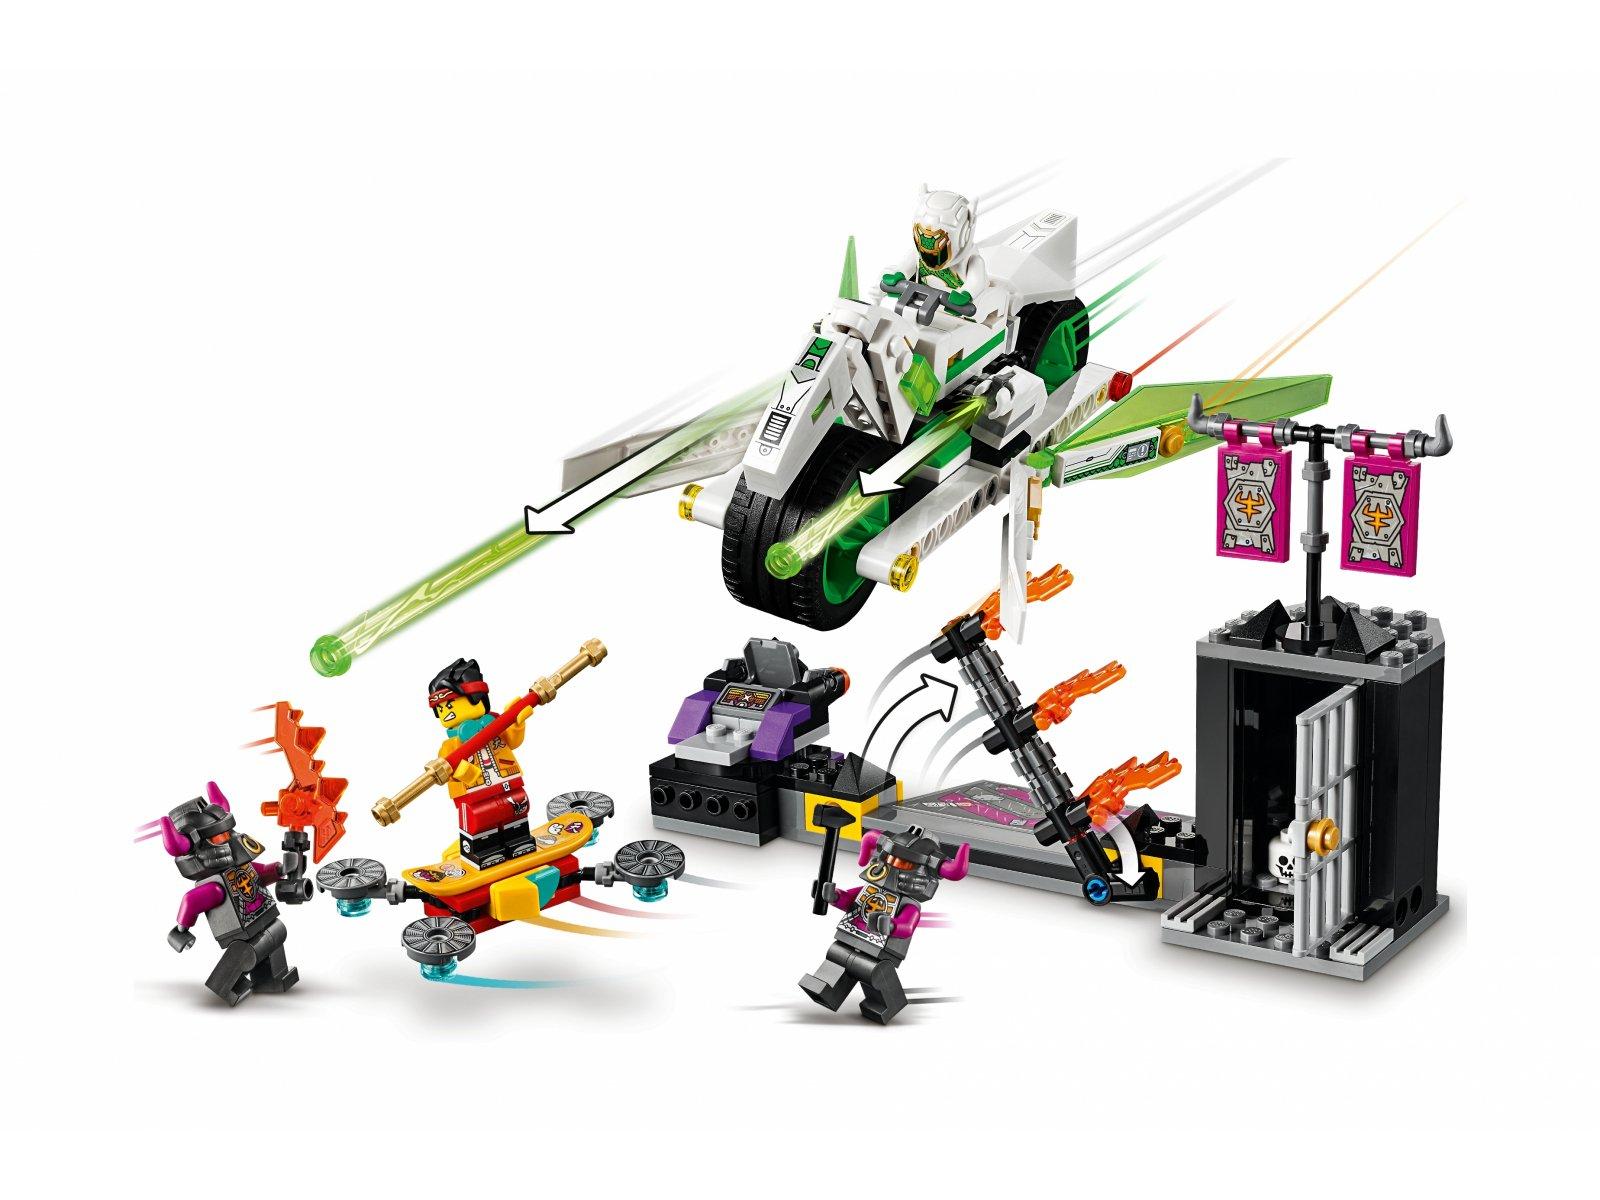 LEGO Monkie Kid™ Motocykl Biały Smok 80006